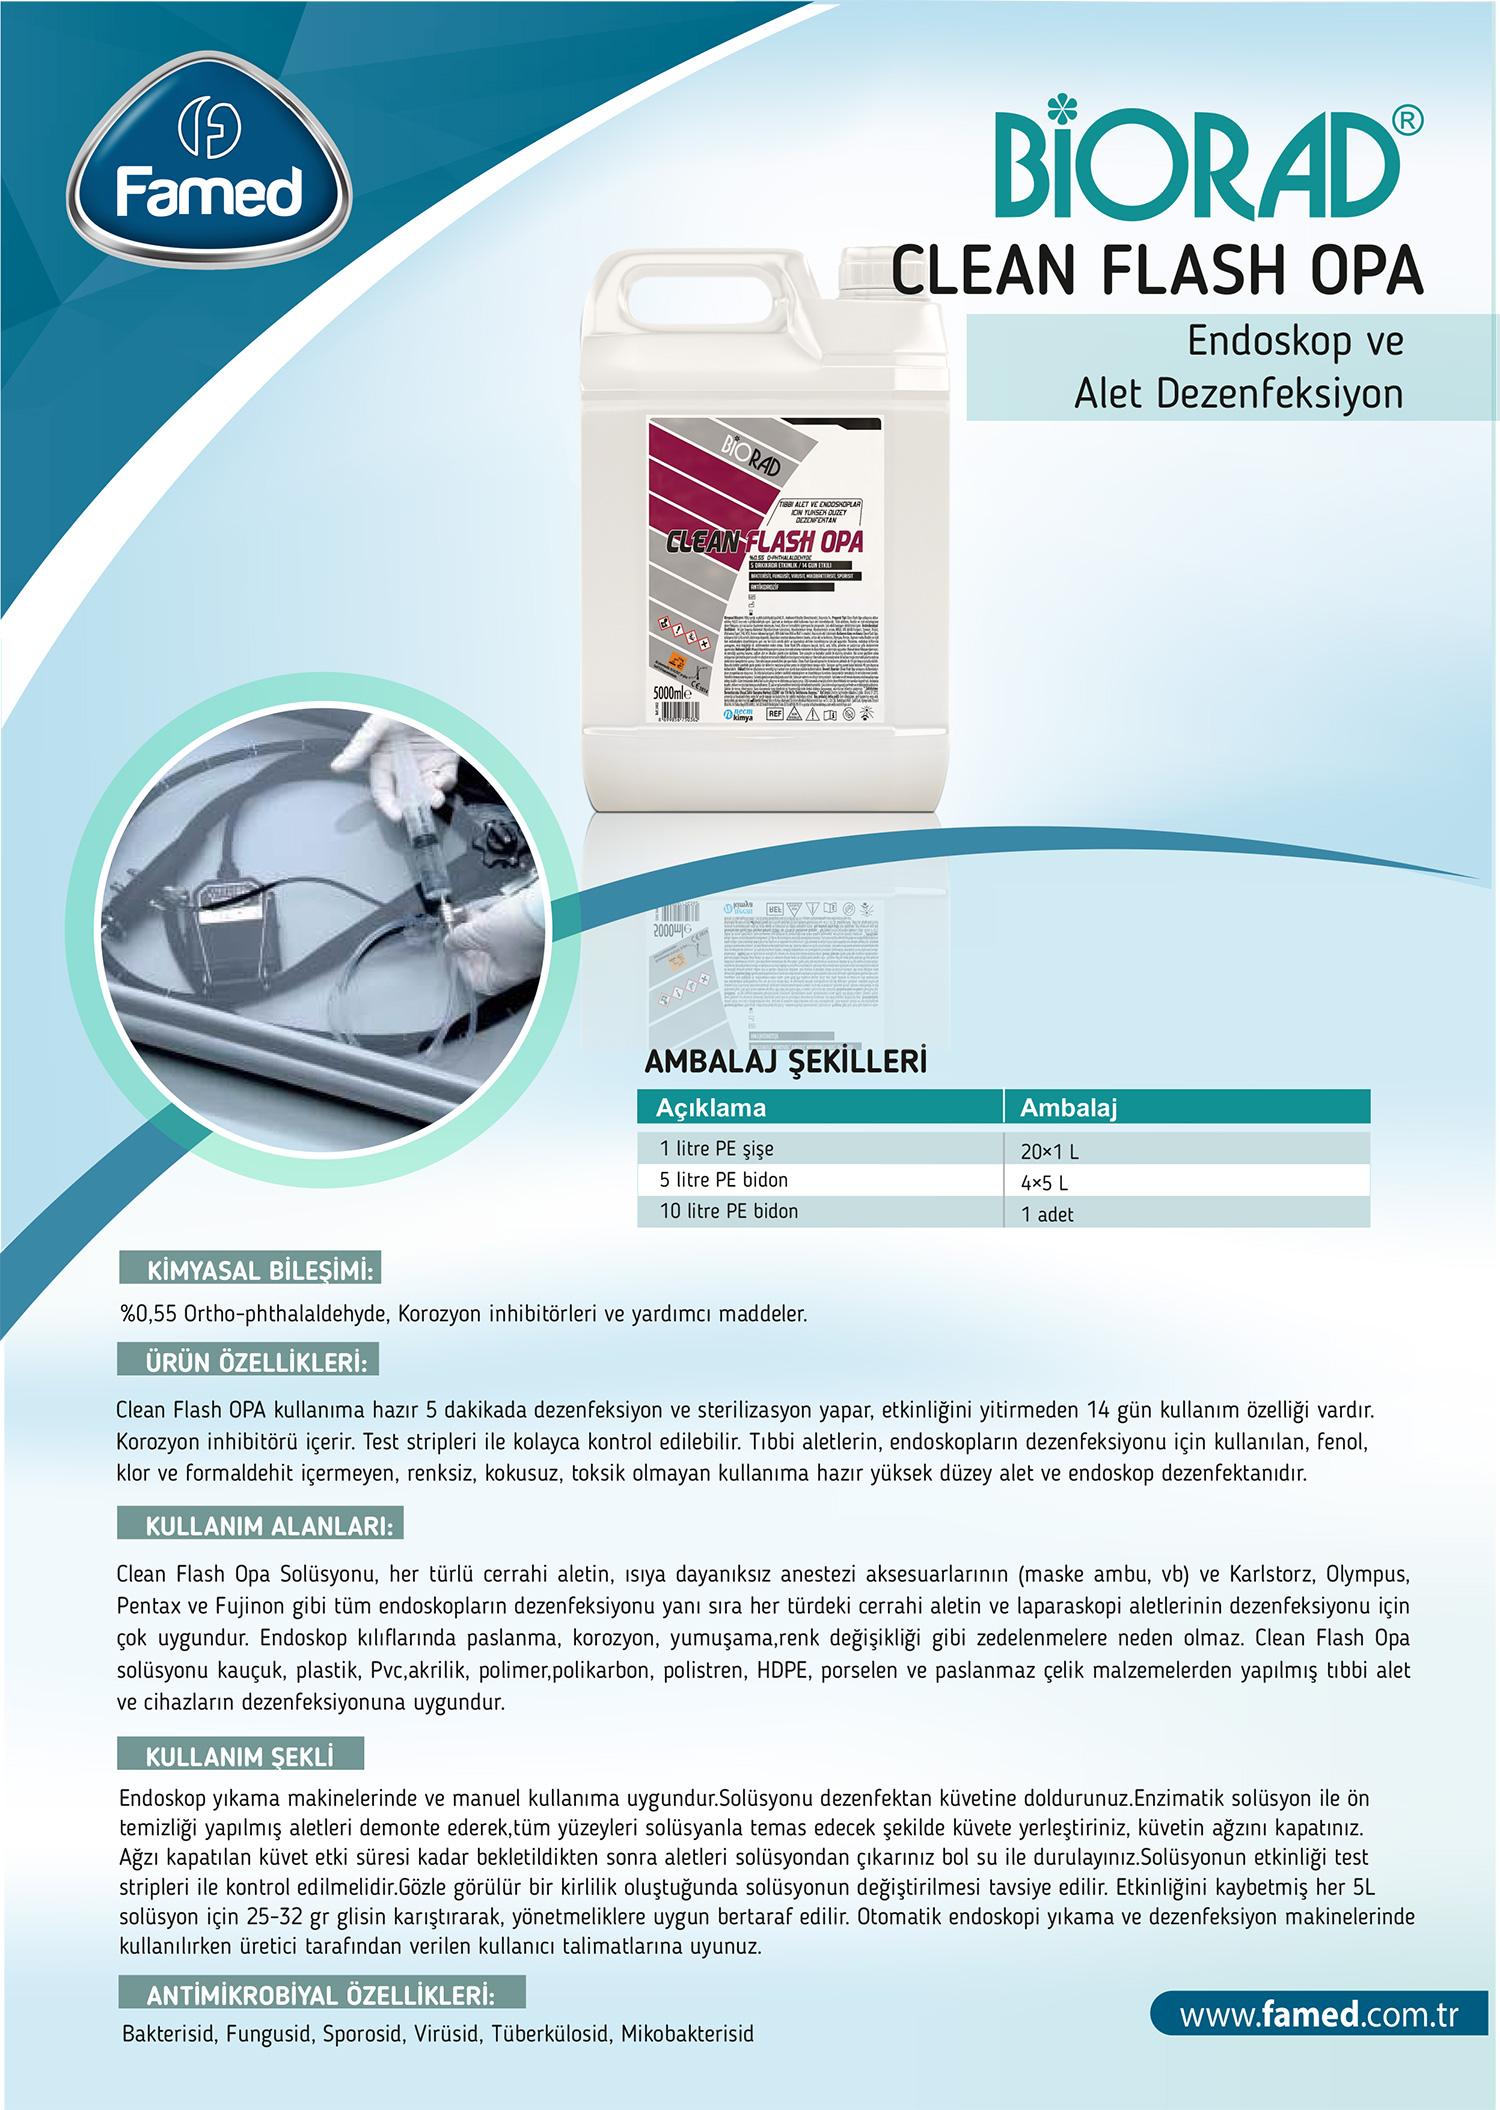 Yüksek Düzey Endoskopi ve Alet Dezenfektan Clean Flash Opa